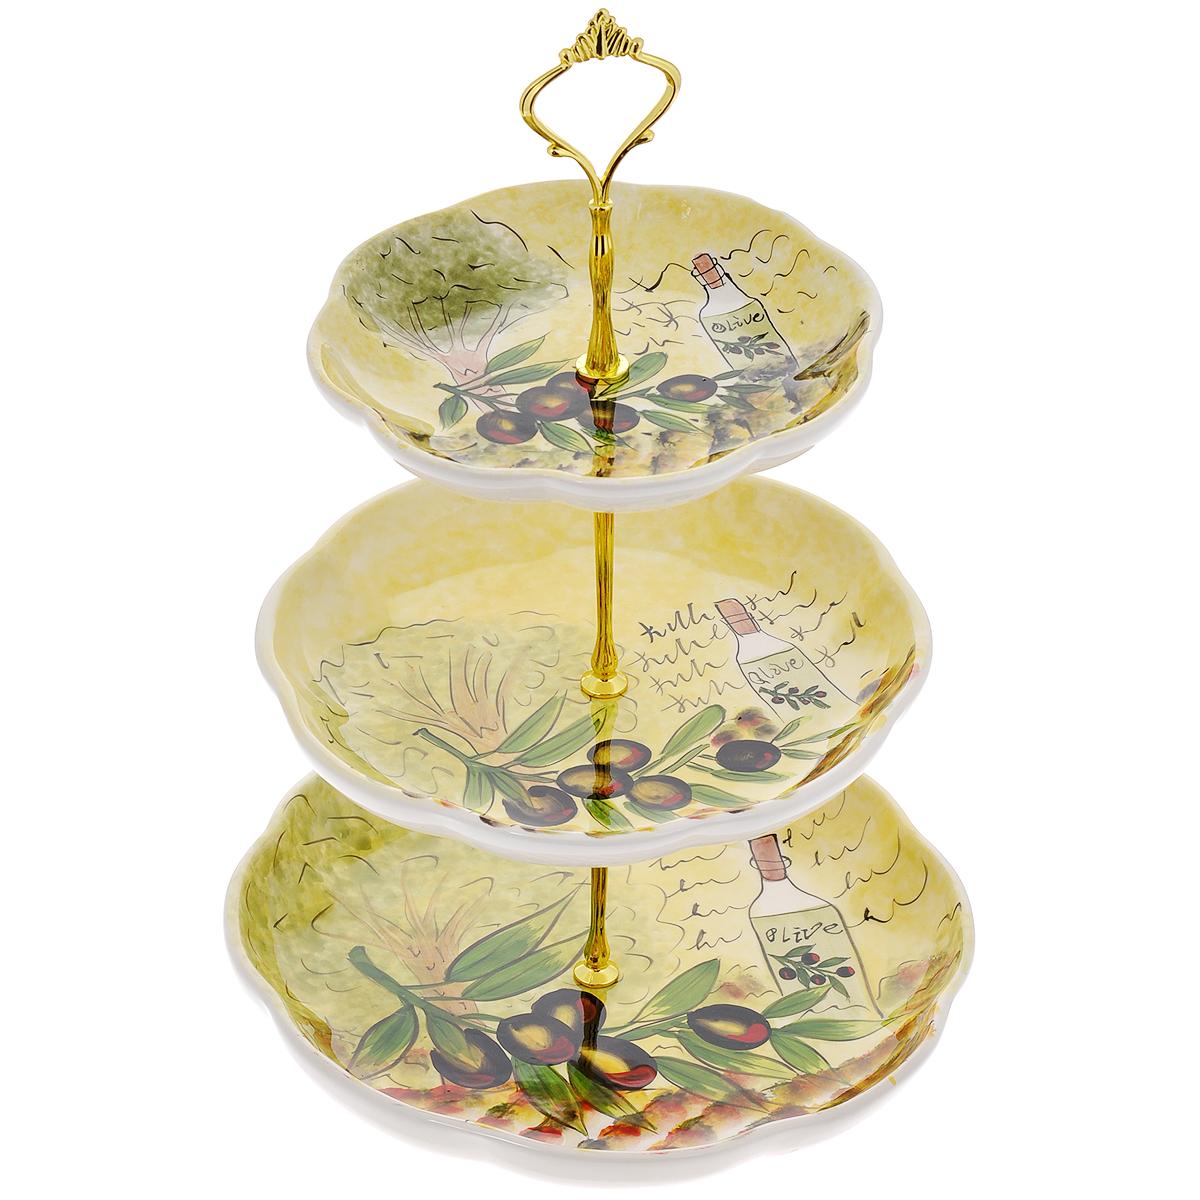 Фруктовница Маслины, трехъяруснаяDFC02083-02208 3/SТрехъярусная фруктовница Маслины, выполненная из доломитовой керамики, сочетает в себе изысканный дизайн с максимальной функциональностью. Блюда фруктовницы круглой формы украшены изображением маслин. Изделие предназначено для красивой сервировки. Такая фруктовница придется по вкусу и ценителям классики, и тем, кто предпочитает утонченность и изящность. Фруктовница Маслины имеет классический дизайн и придаст элегантный вид каждому обеденному столу.